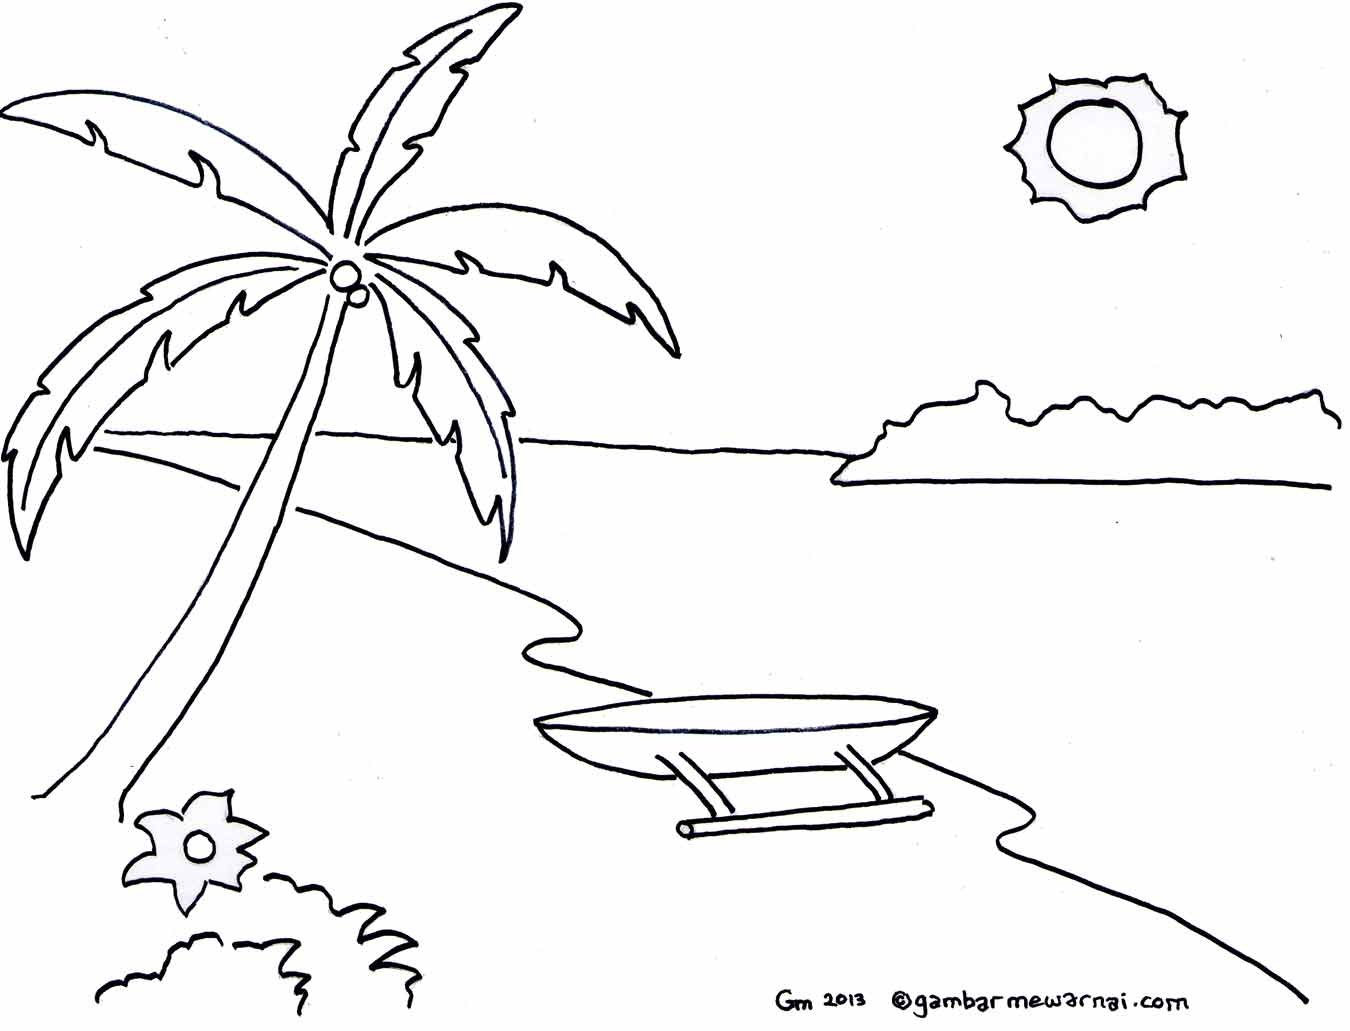 Mewarnai dapat melihat contoh gambar pemandangan pantai berikut